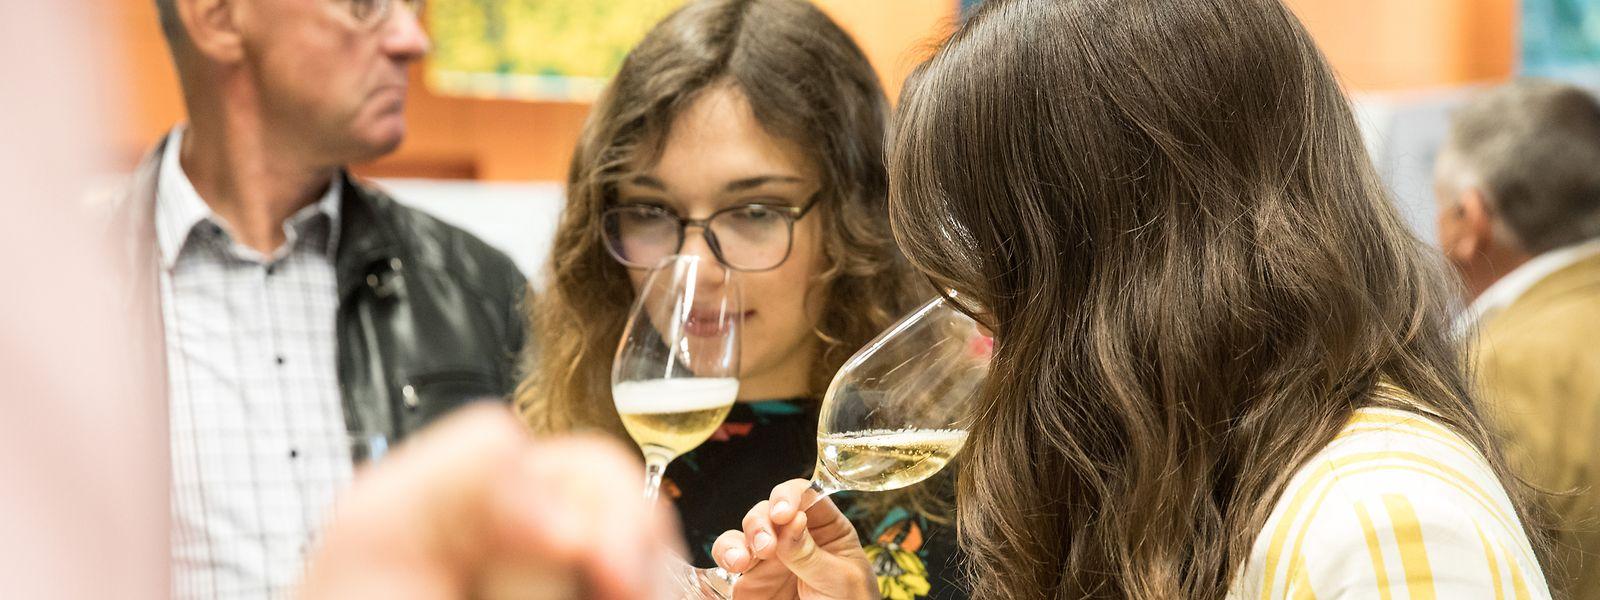 Es hätte der letzte Wäimoart im alten Kulturzentrum von Grevenmacher werden sollen. Die Leistungsschau der Luxemburger Weinwirtschaft ist nun wegen der Corona-Gefahr gestrichen.